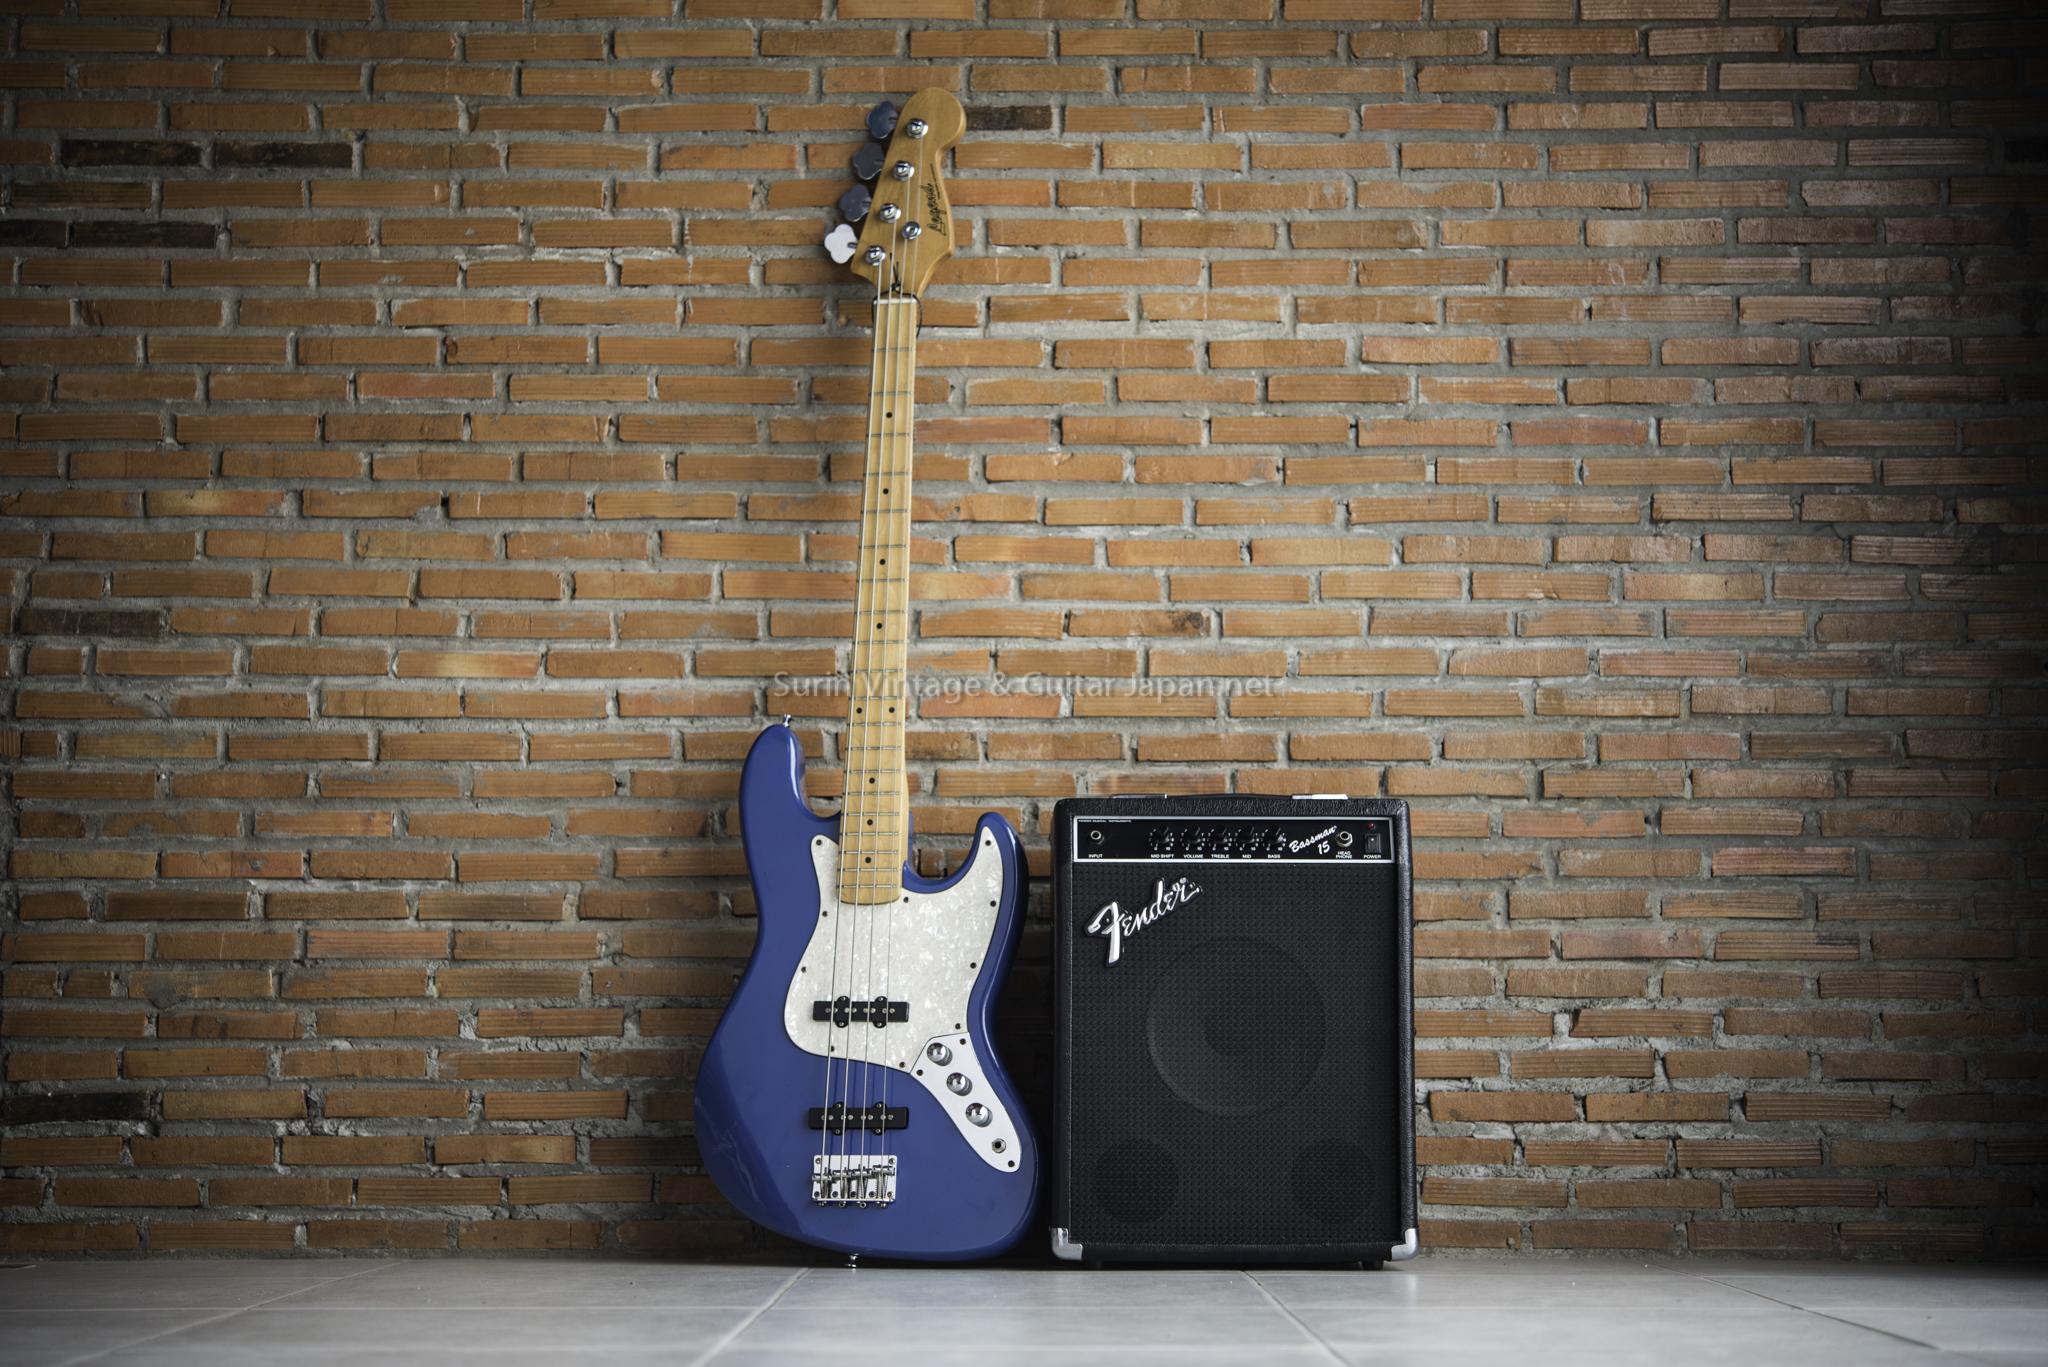 แอมป์เบสไฟฟ้ามือสอง Fender Bassman 15 No.4